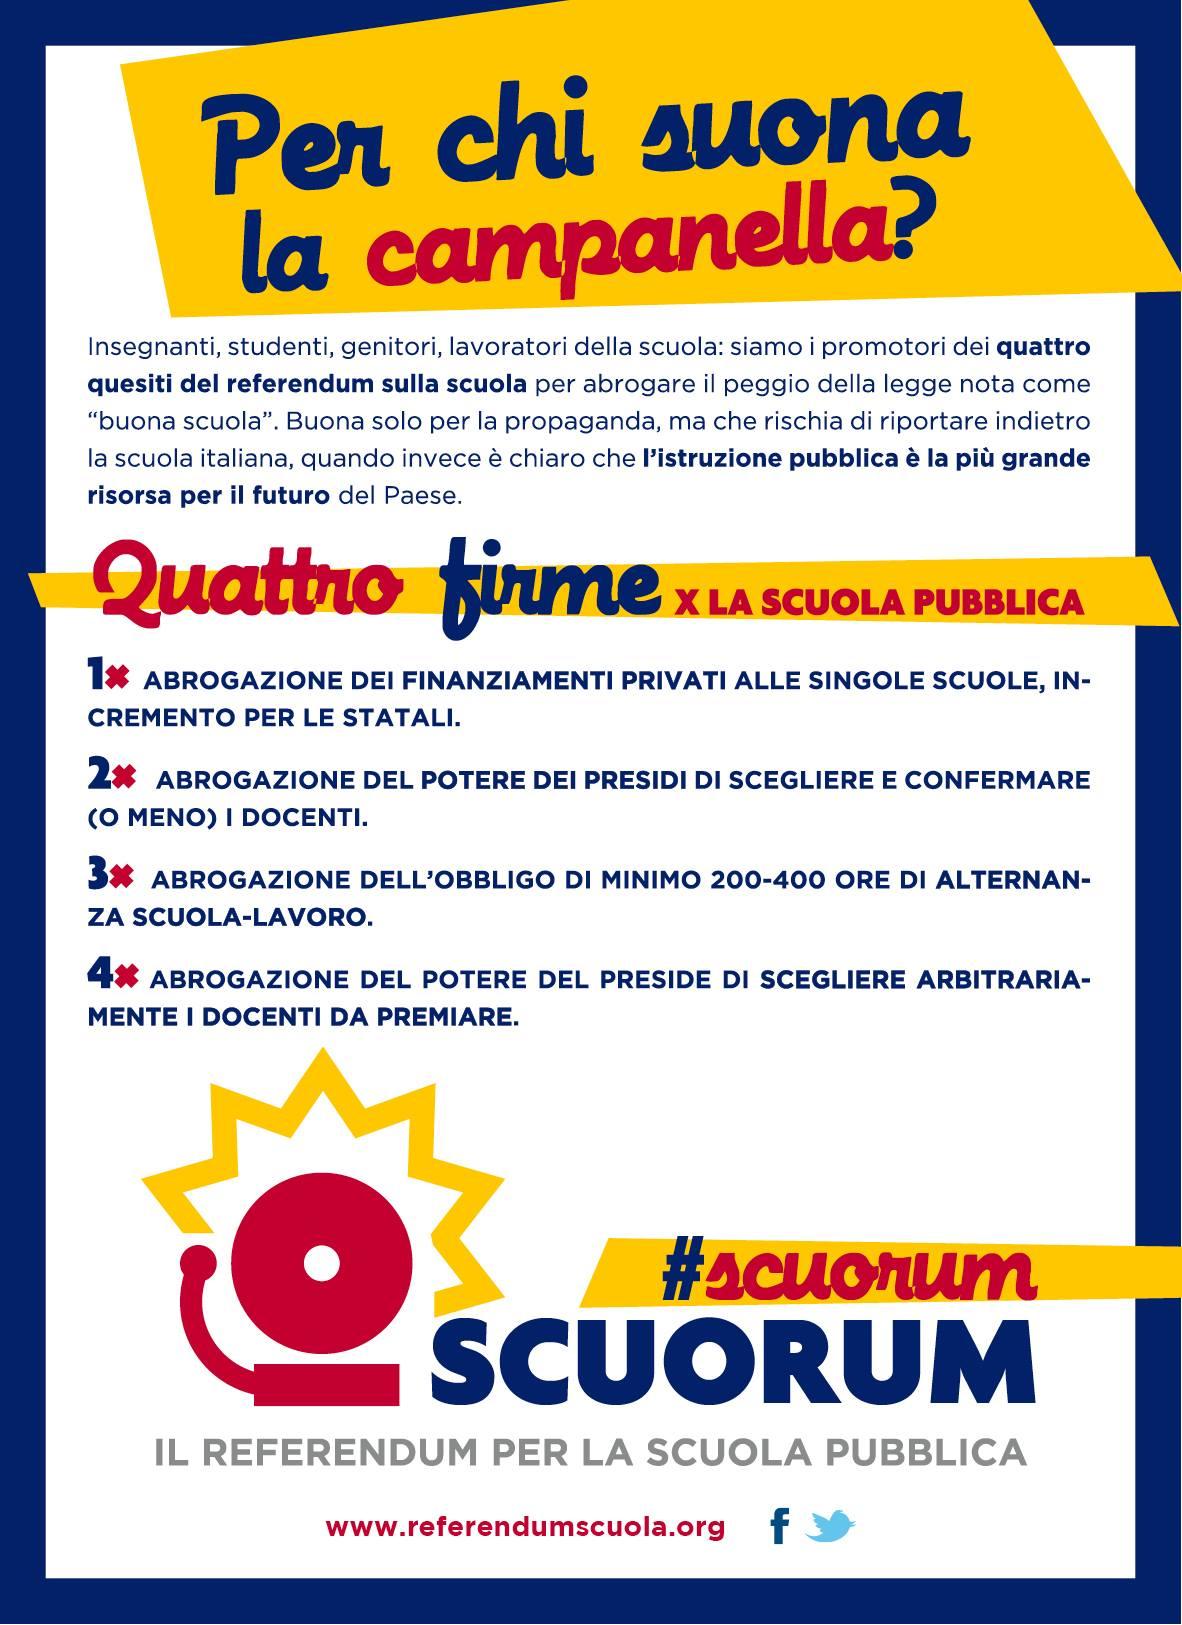 Volantino_Scuorum referendum